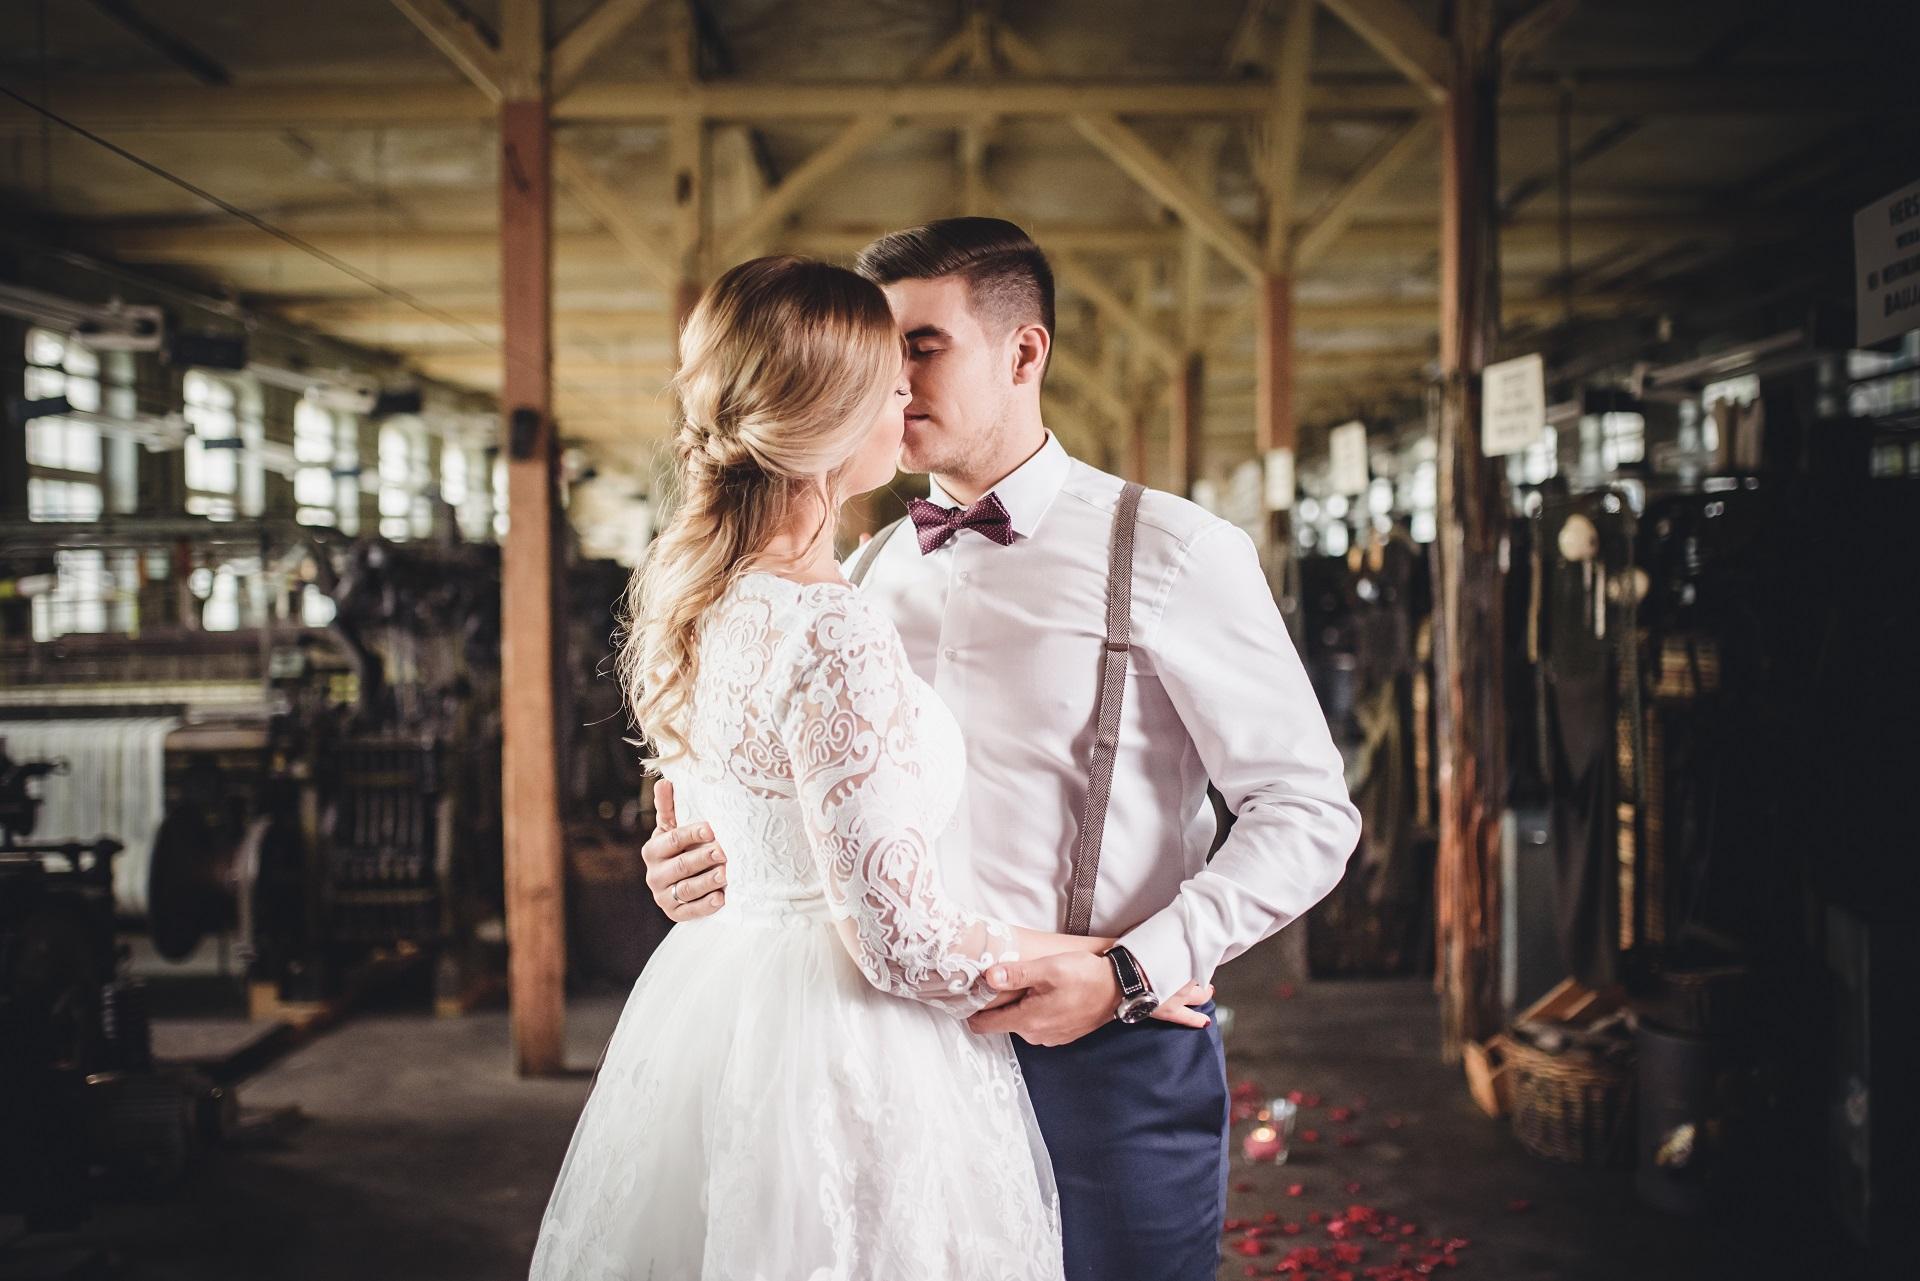 Zärtliche Umarmung zur Hochzeit